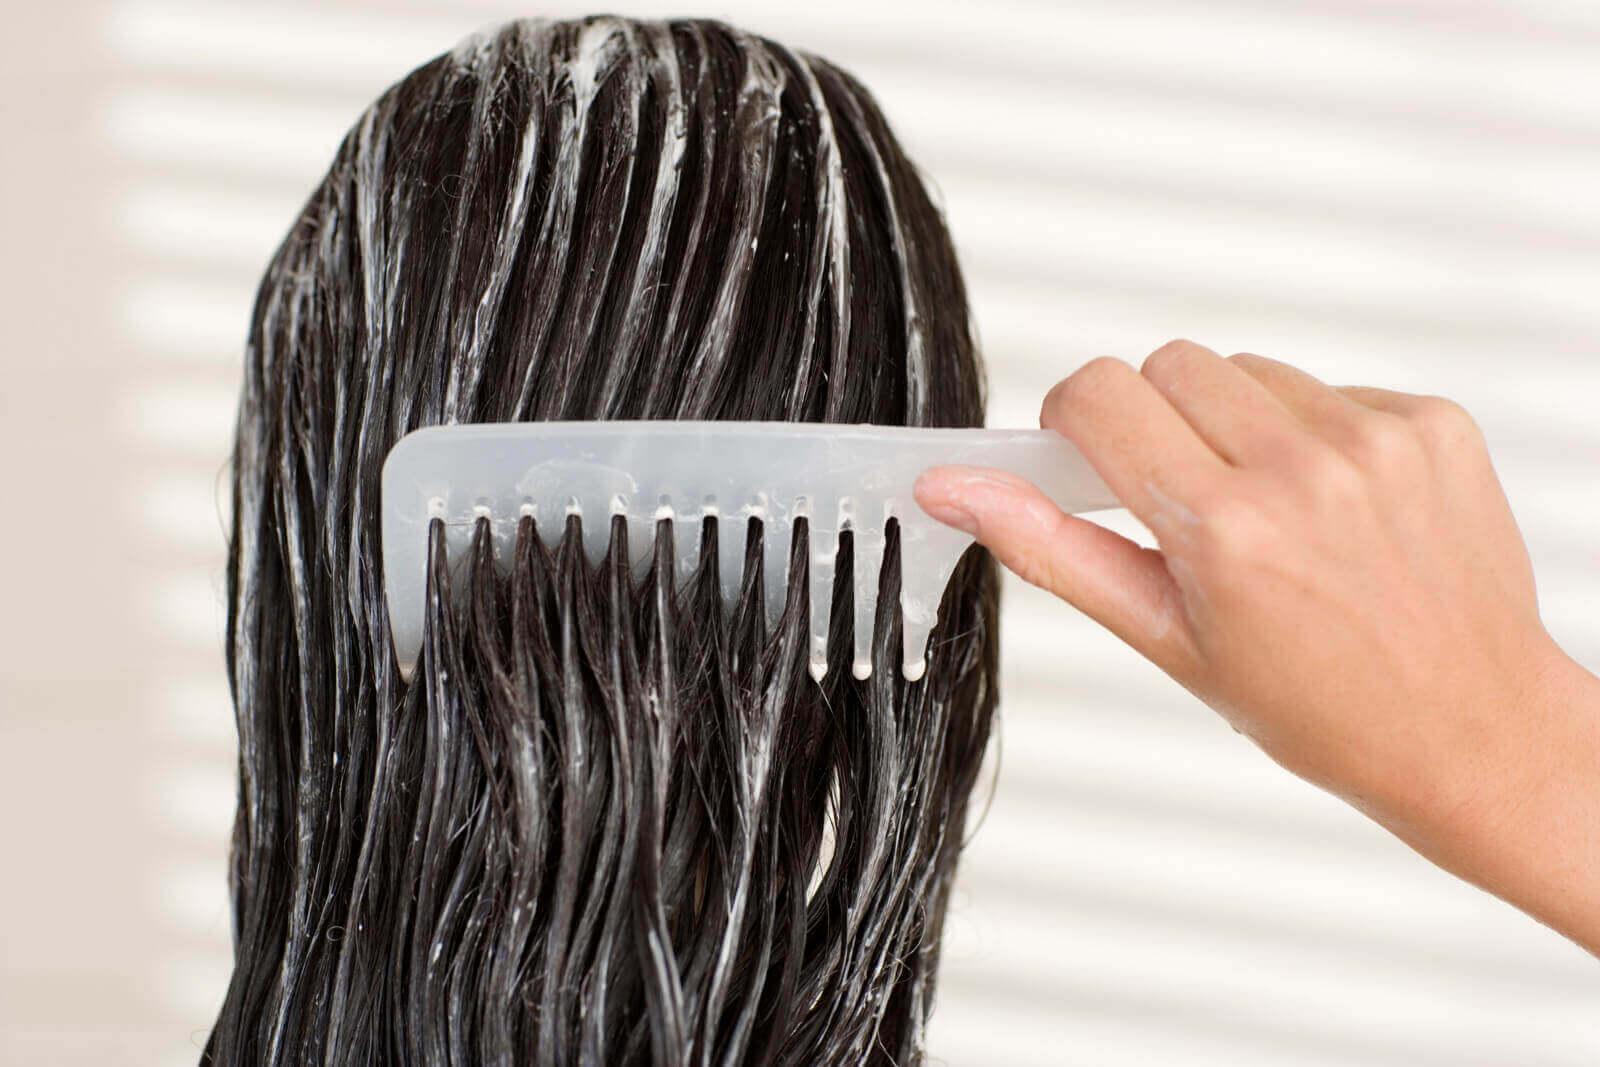 Combing hair.